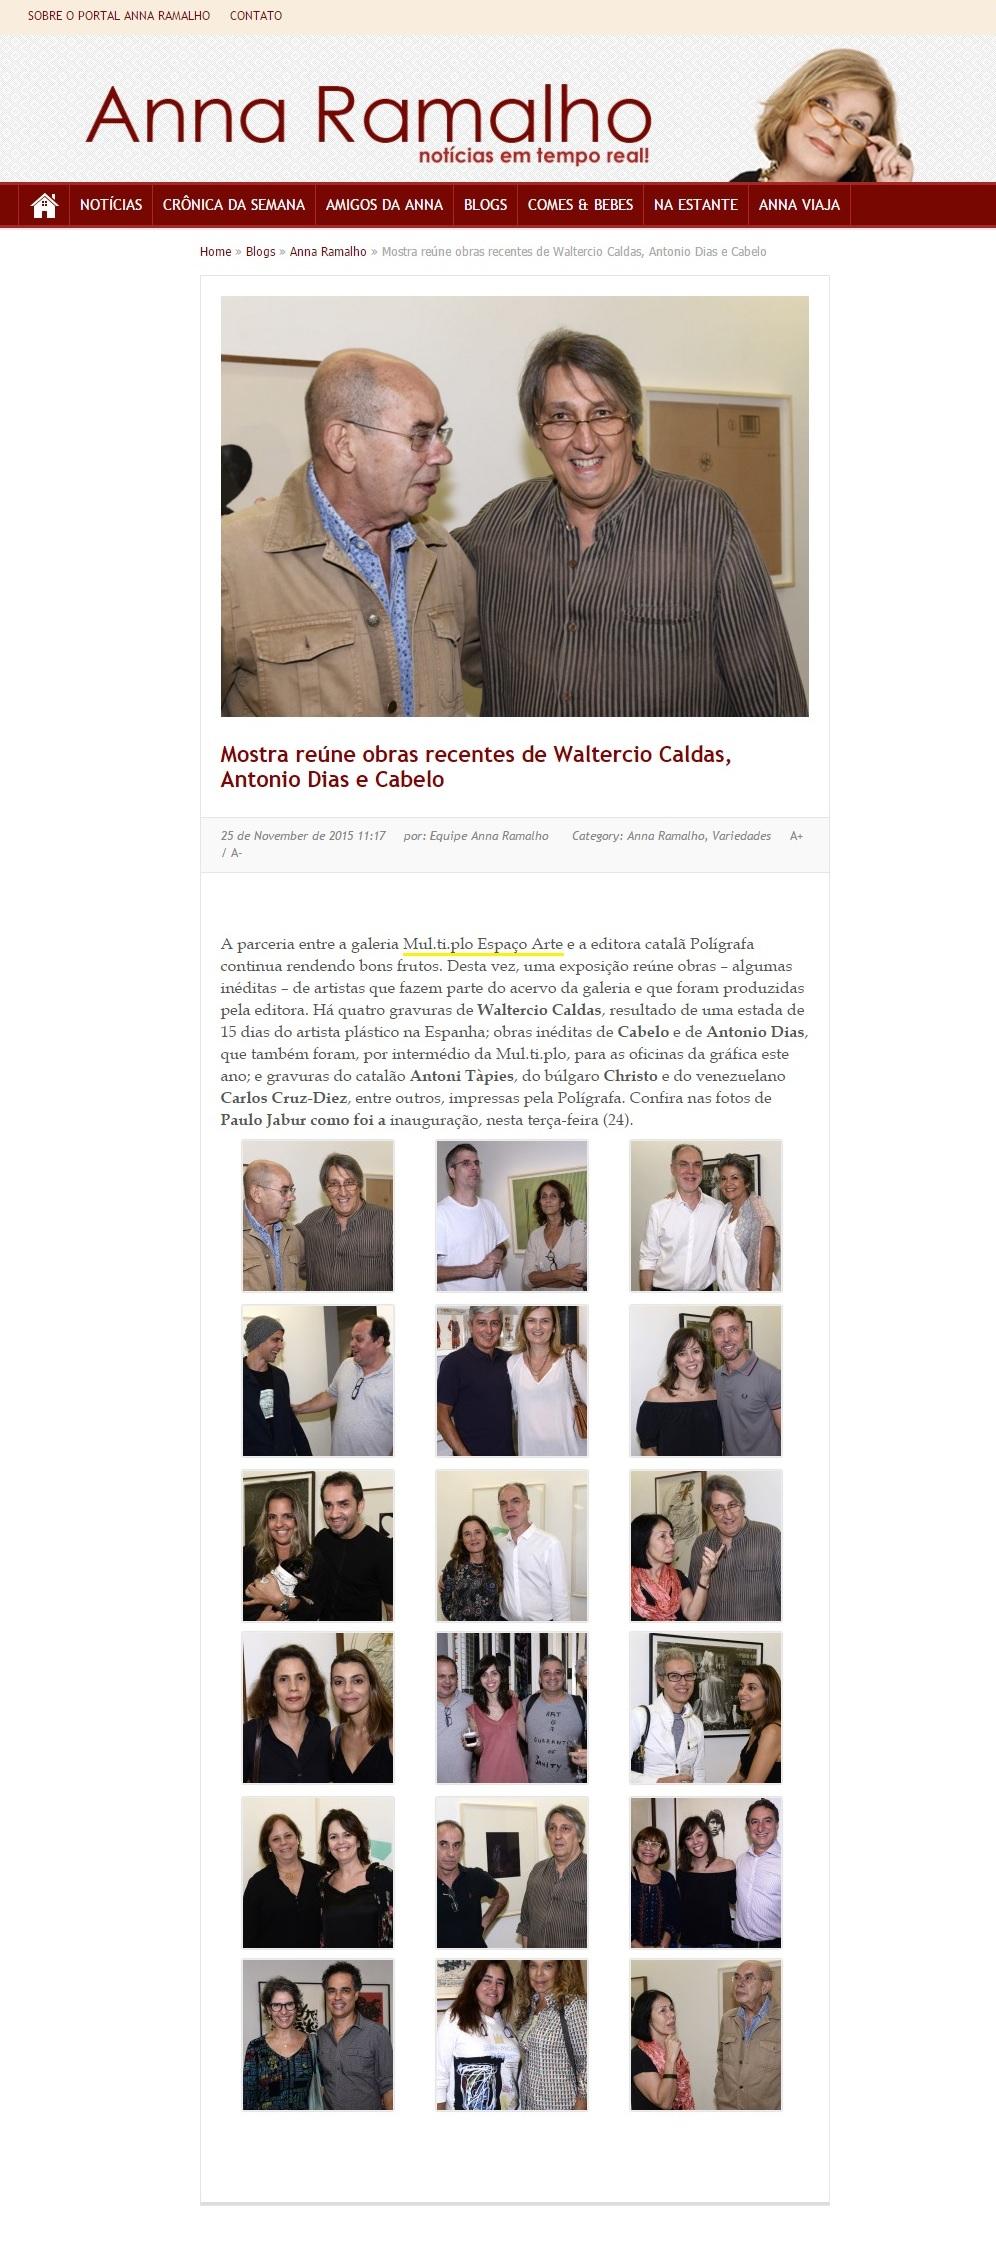 MUL.TI.PLO ESPAÇO ARTE NO BLOG ANNA RAMALHO 25-11.jpg